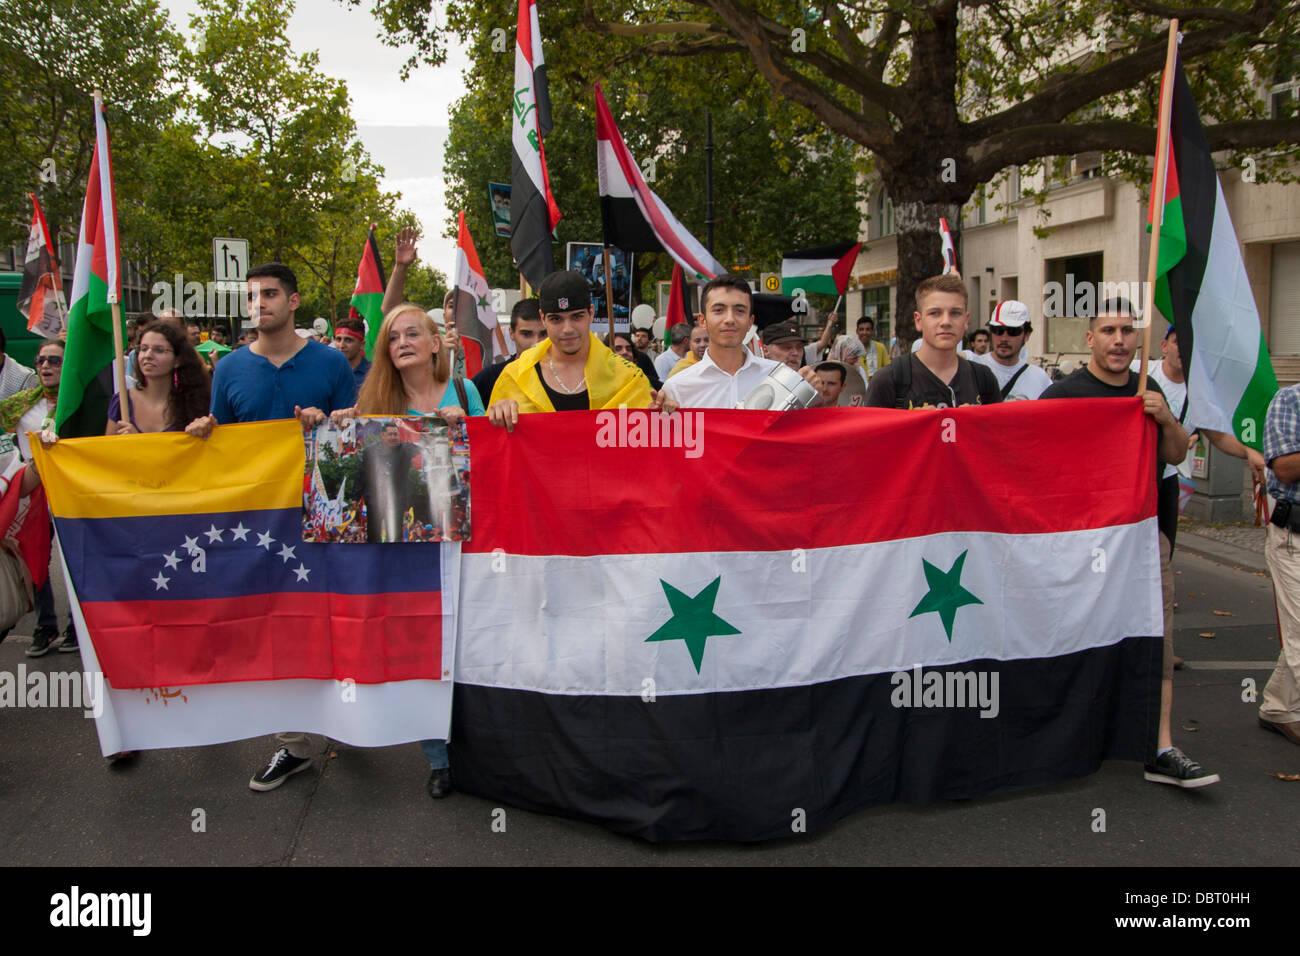 Al-Quds Day 2013 in Berlin. - Stock Image